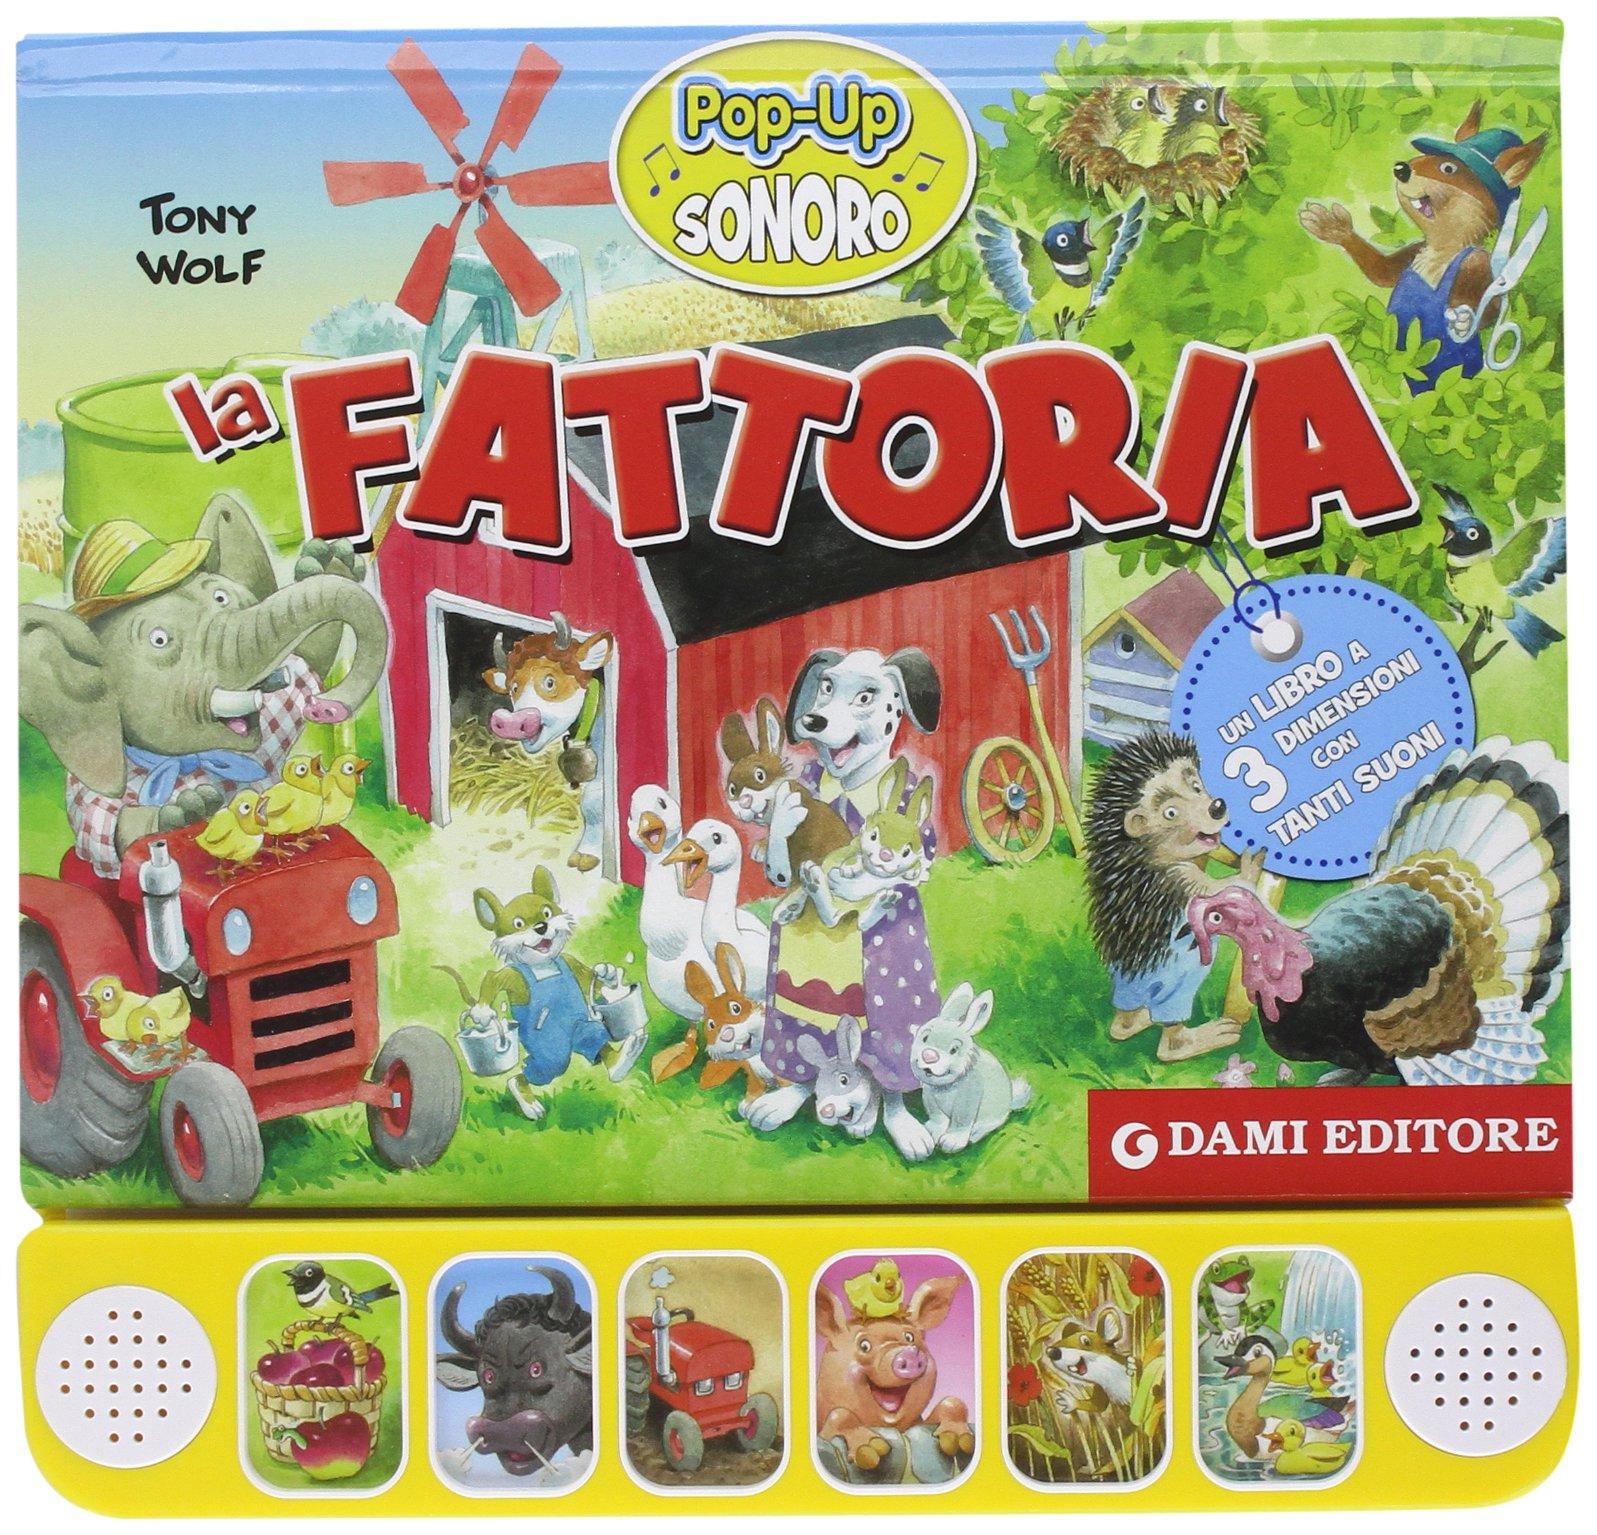 La fattoria. Libro pop-up sonoro Copertina flessibile – 25 giu 2014 Anna Casalis T. Wolf Dami Editore 8809790847